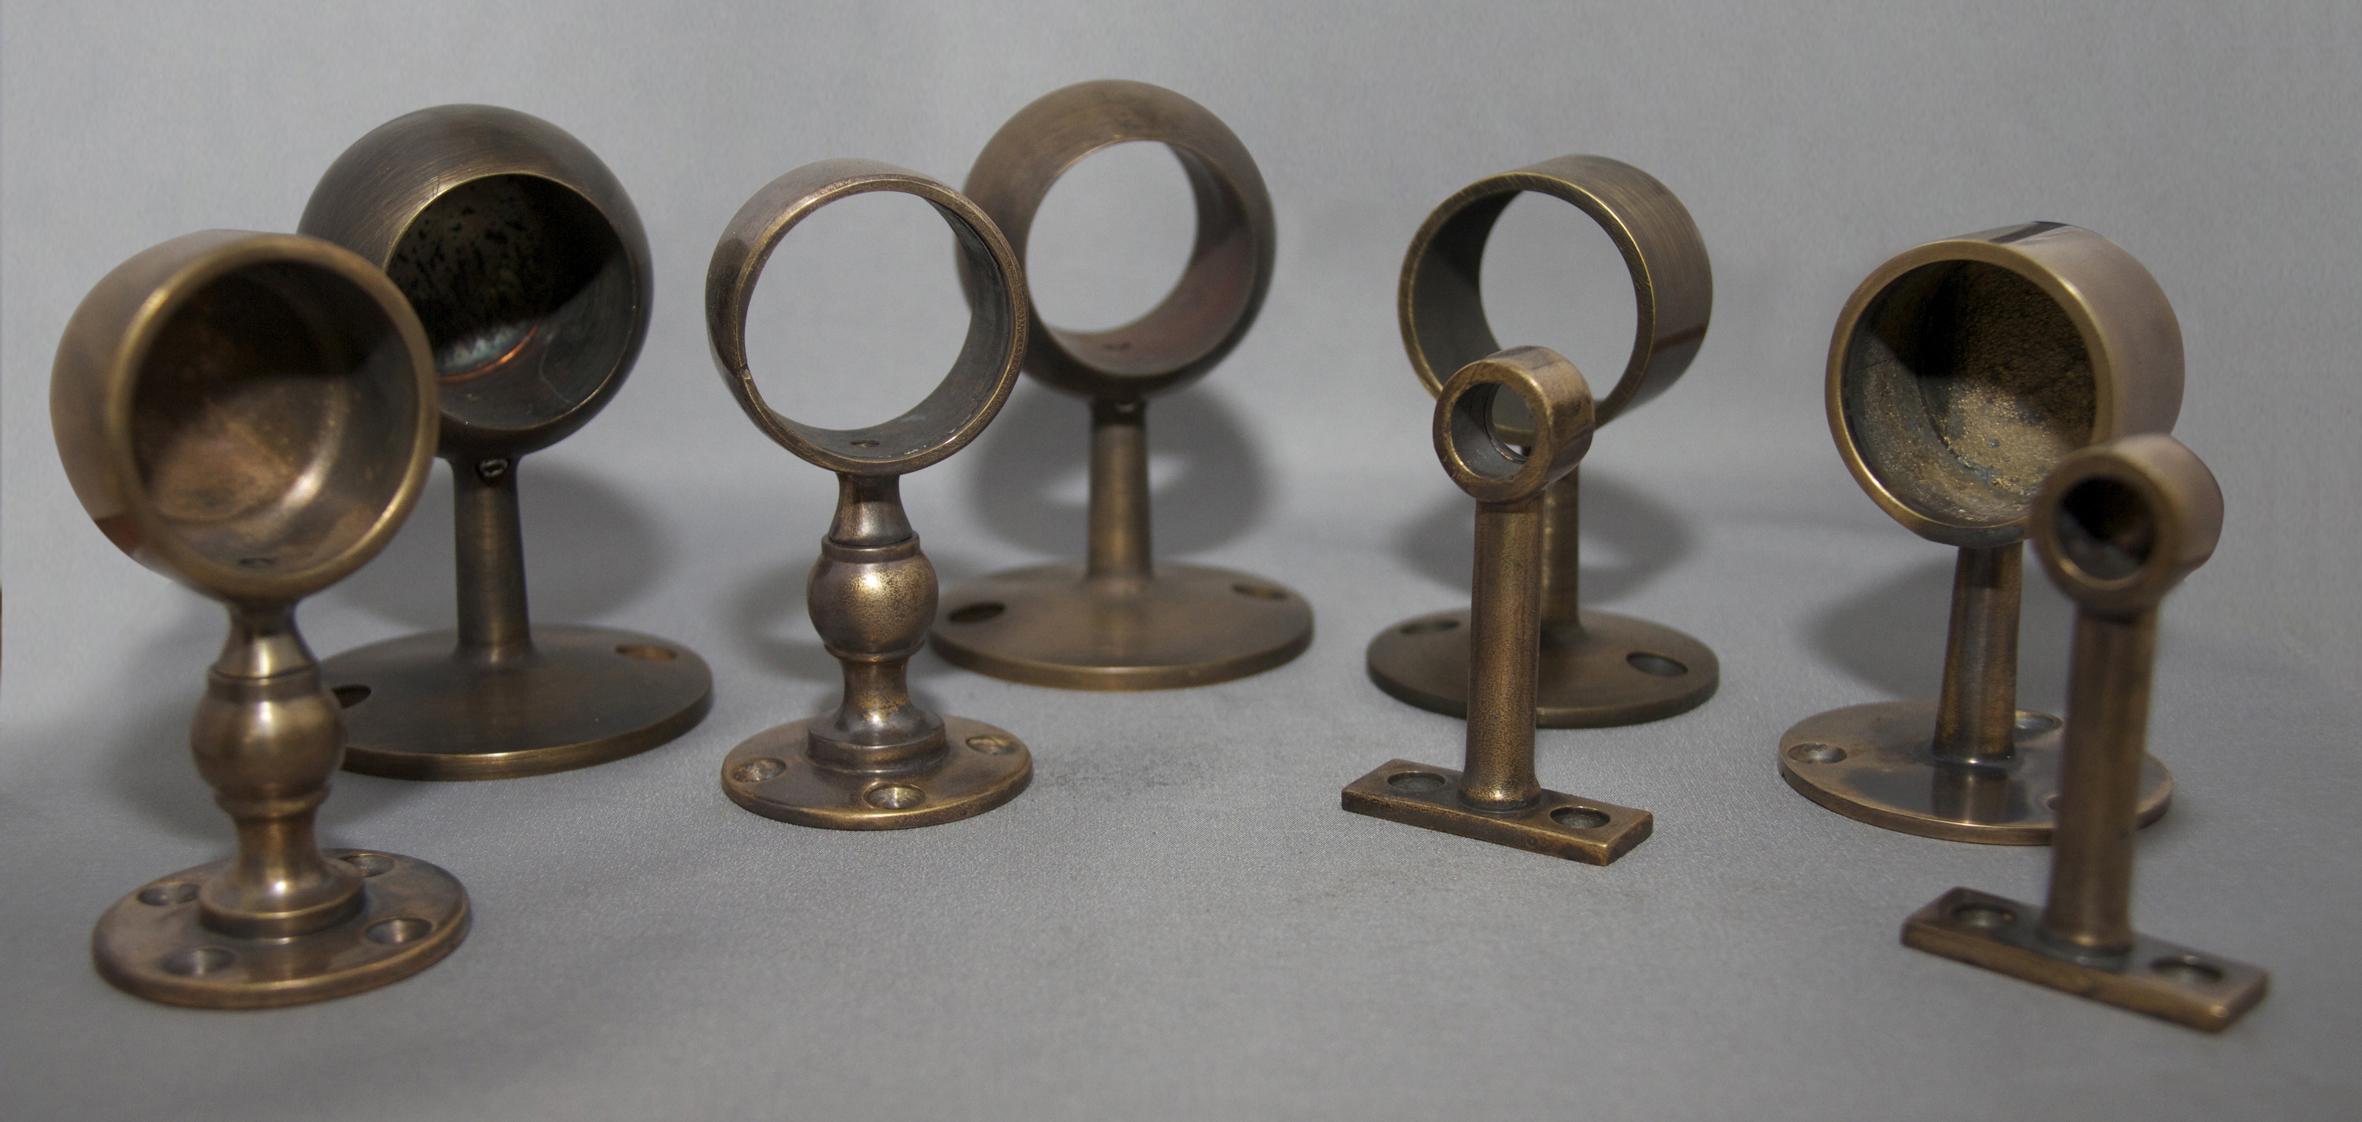 Antique Brass Gallery Brackets